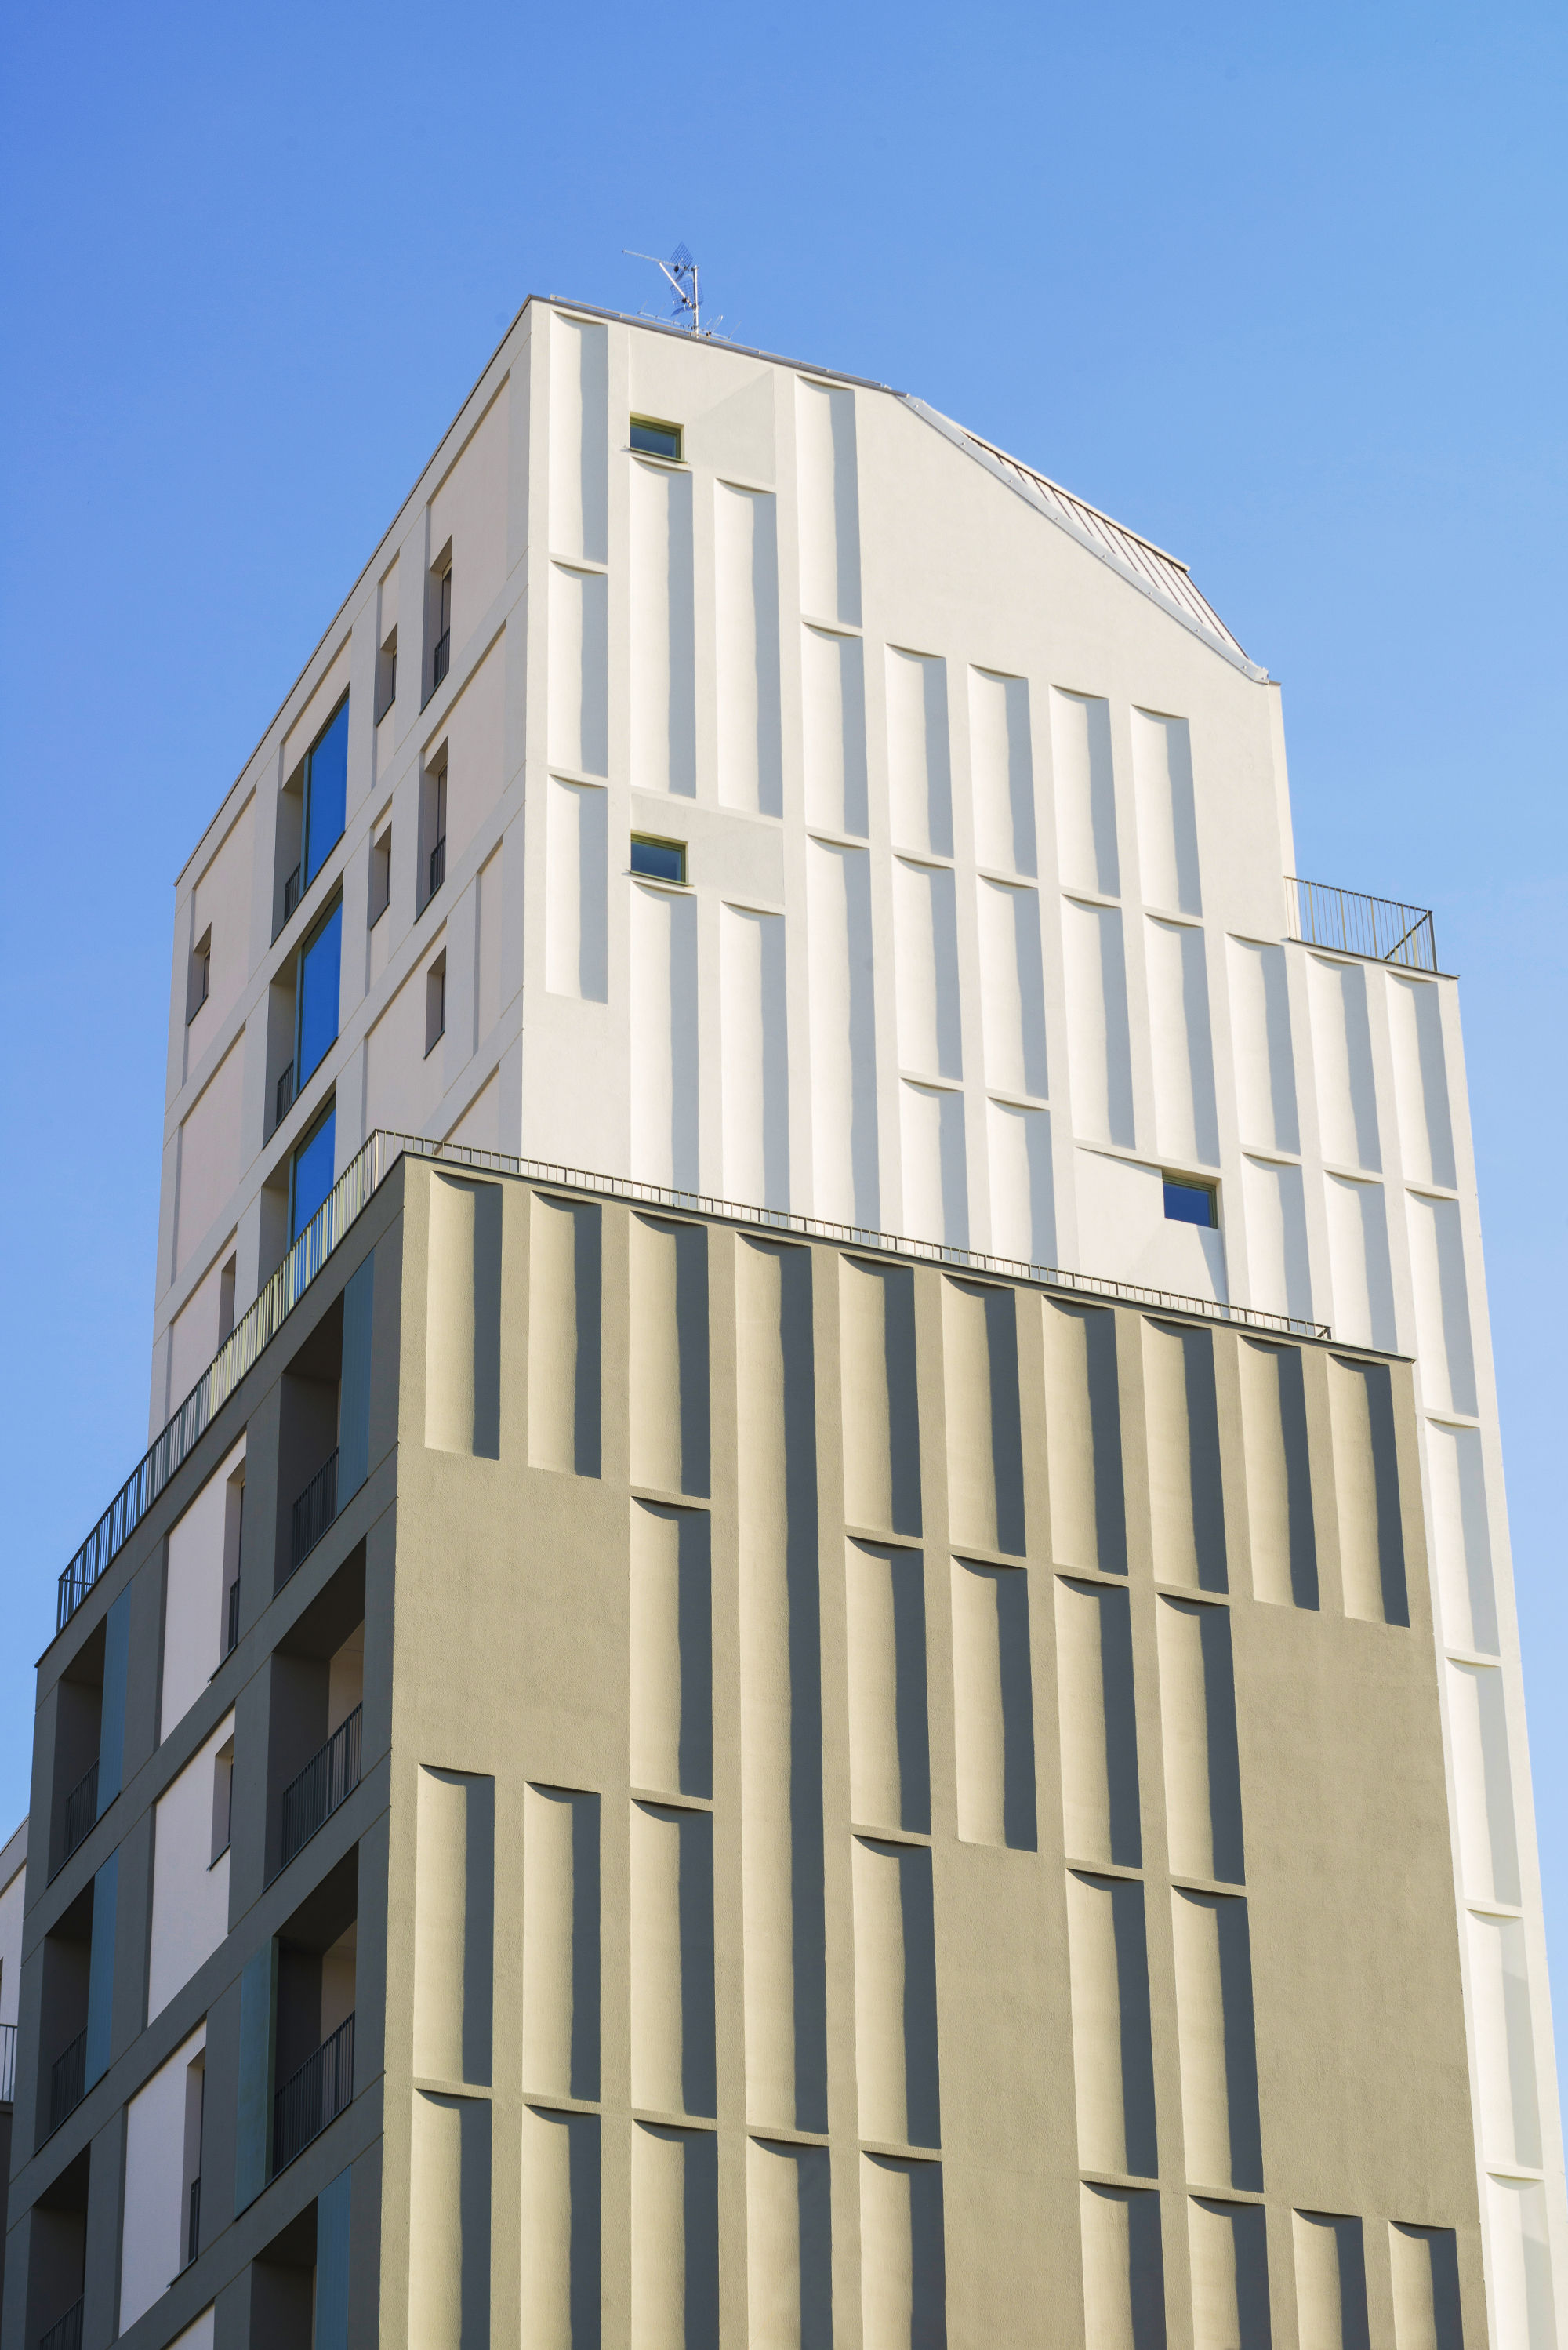 Nuovo edificio residenziale - image 5